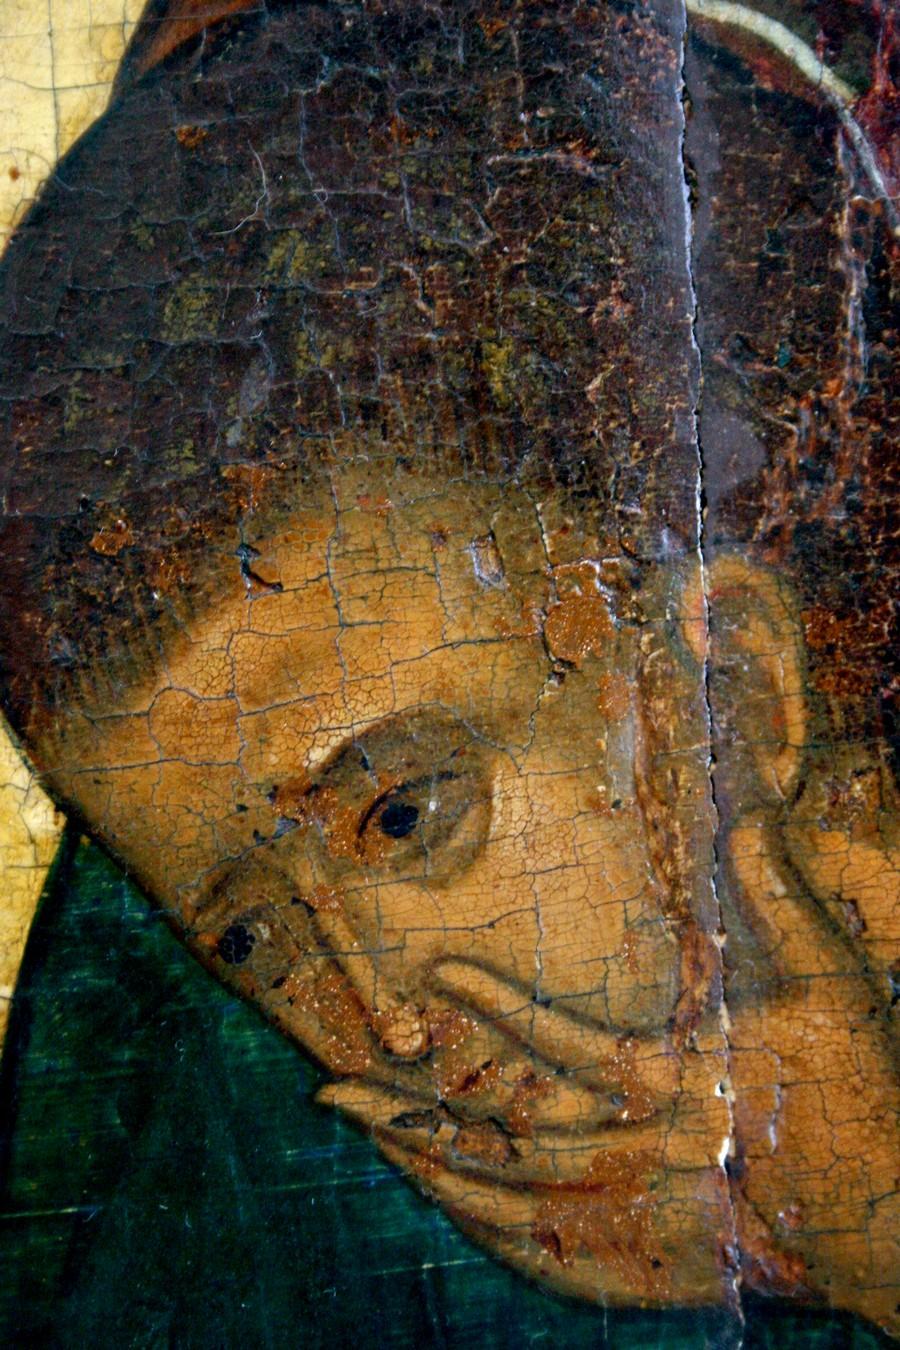 Преображение Господне. Икона. Ярославль, около 1516 года. Фрагмент. Святой Апостол Иоанн Богослов.